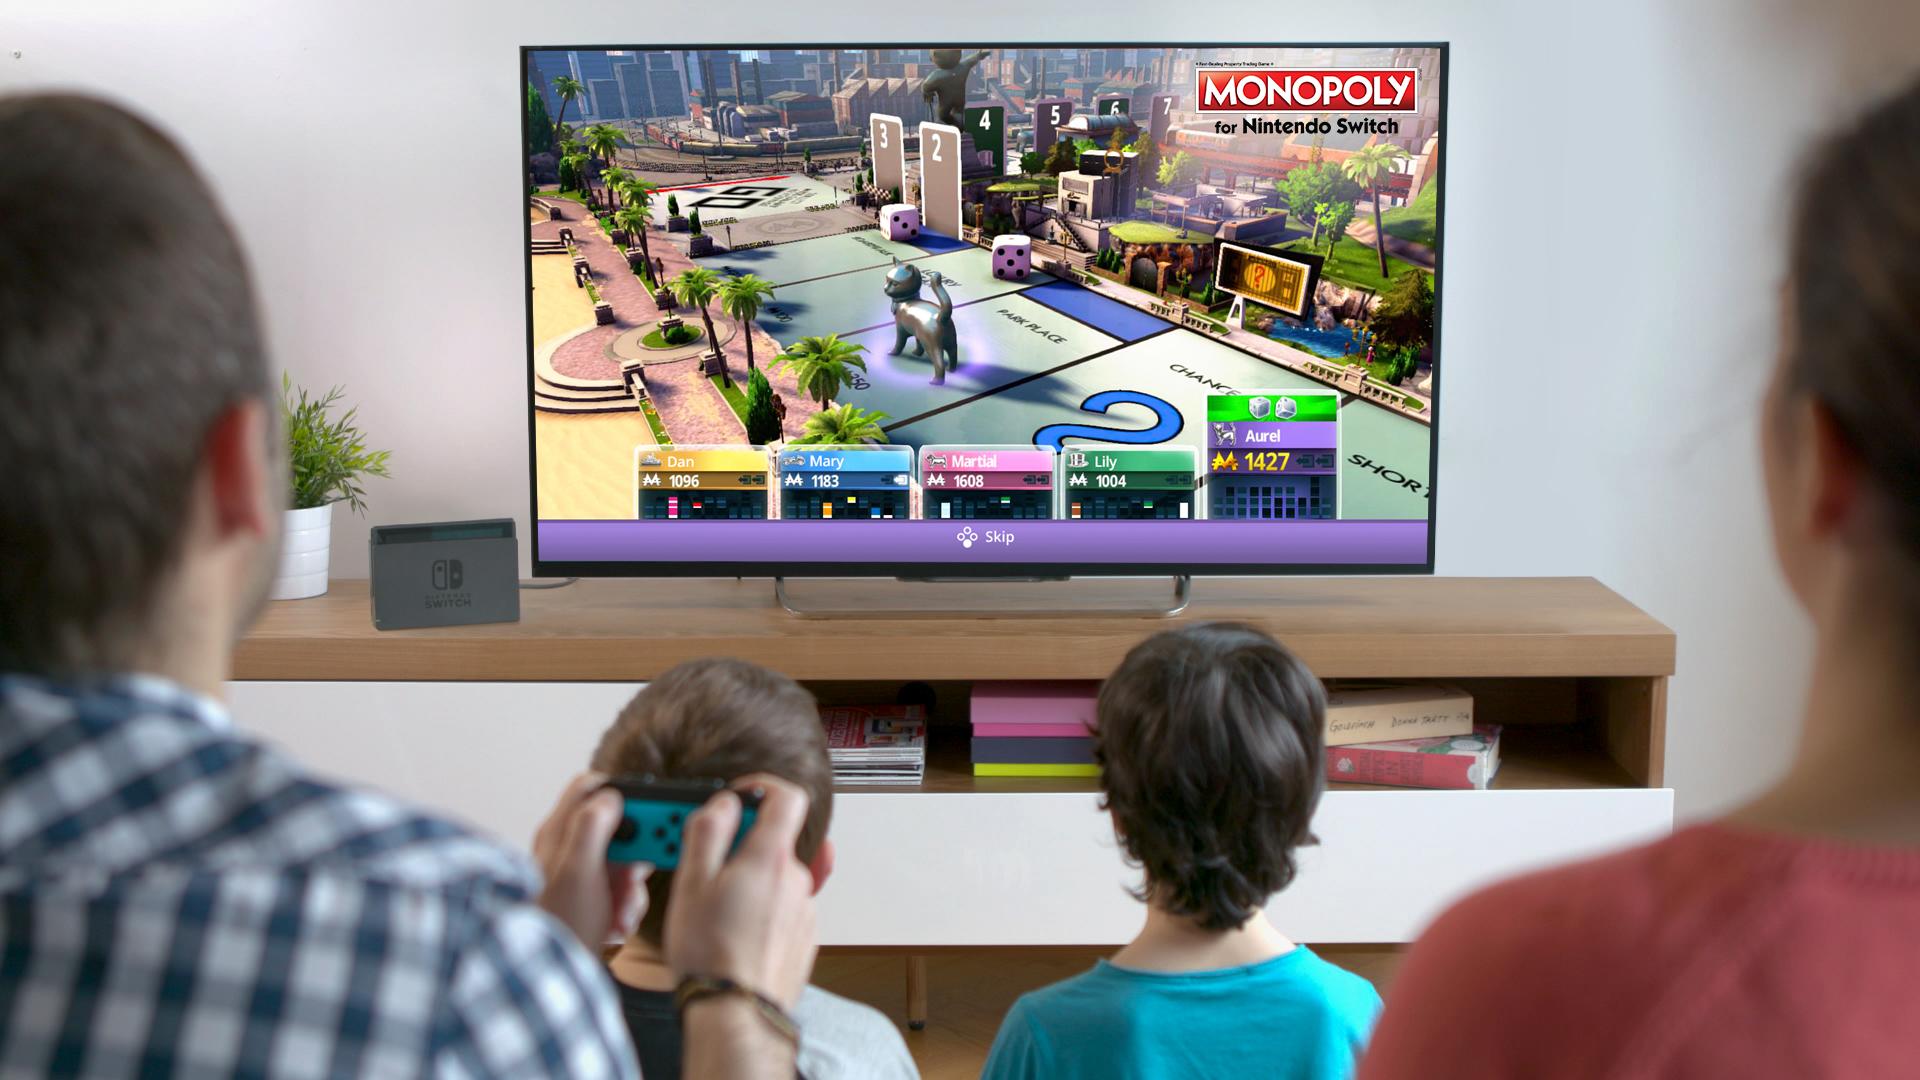 Monopoly llega a Nintendo Switch de la mano de Ubisoft y Hasbro